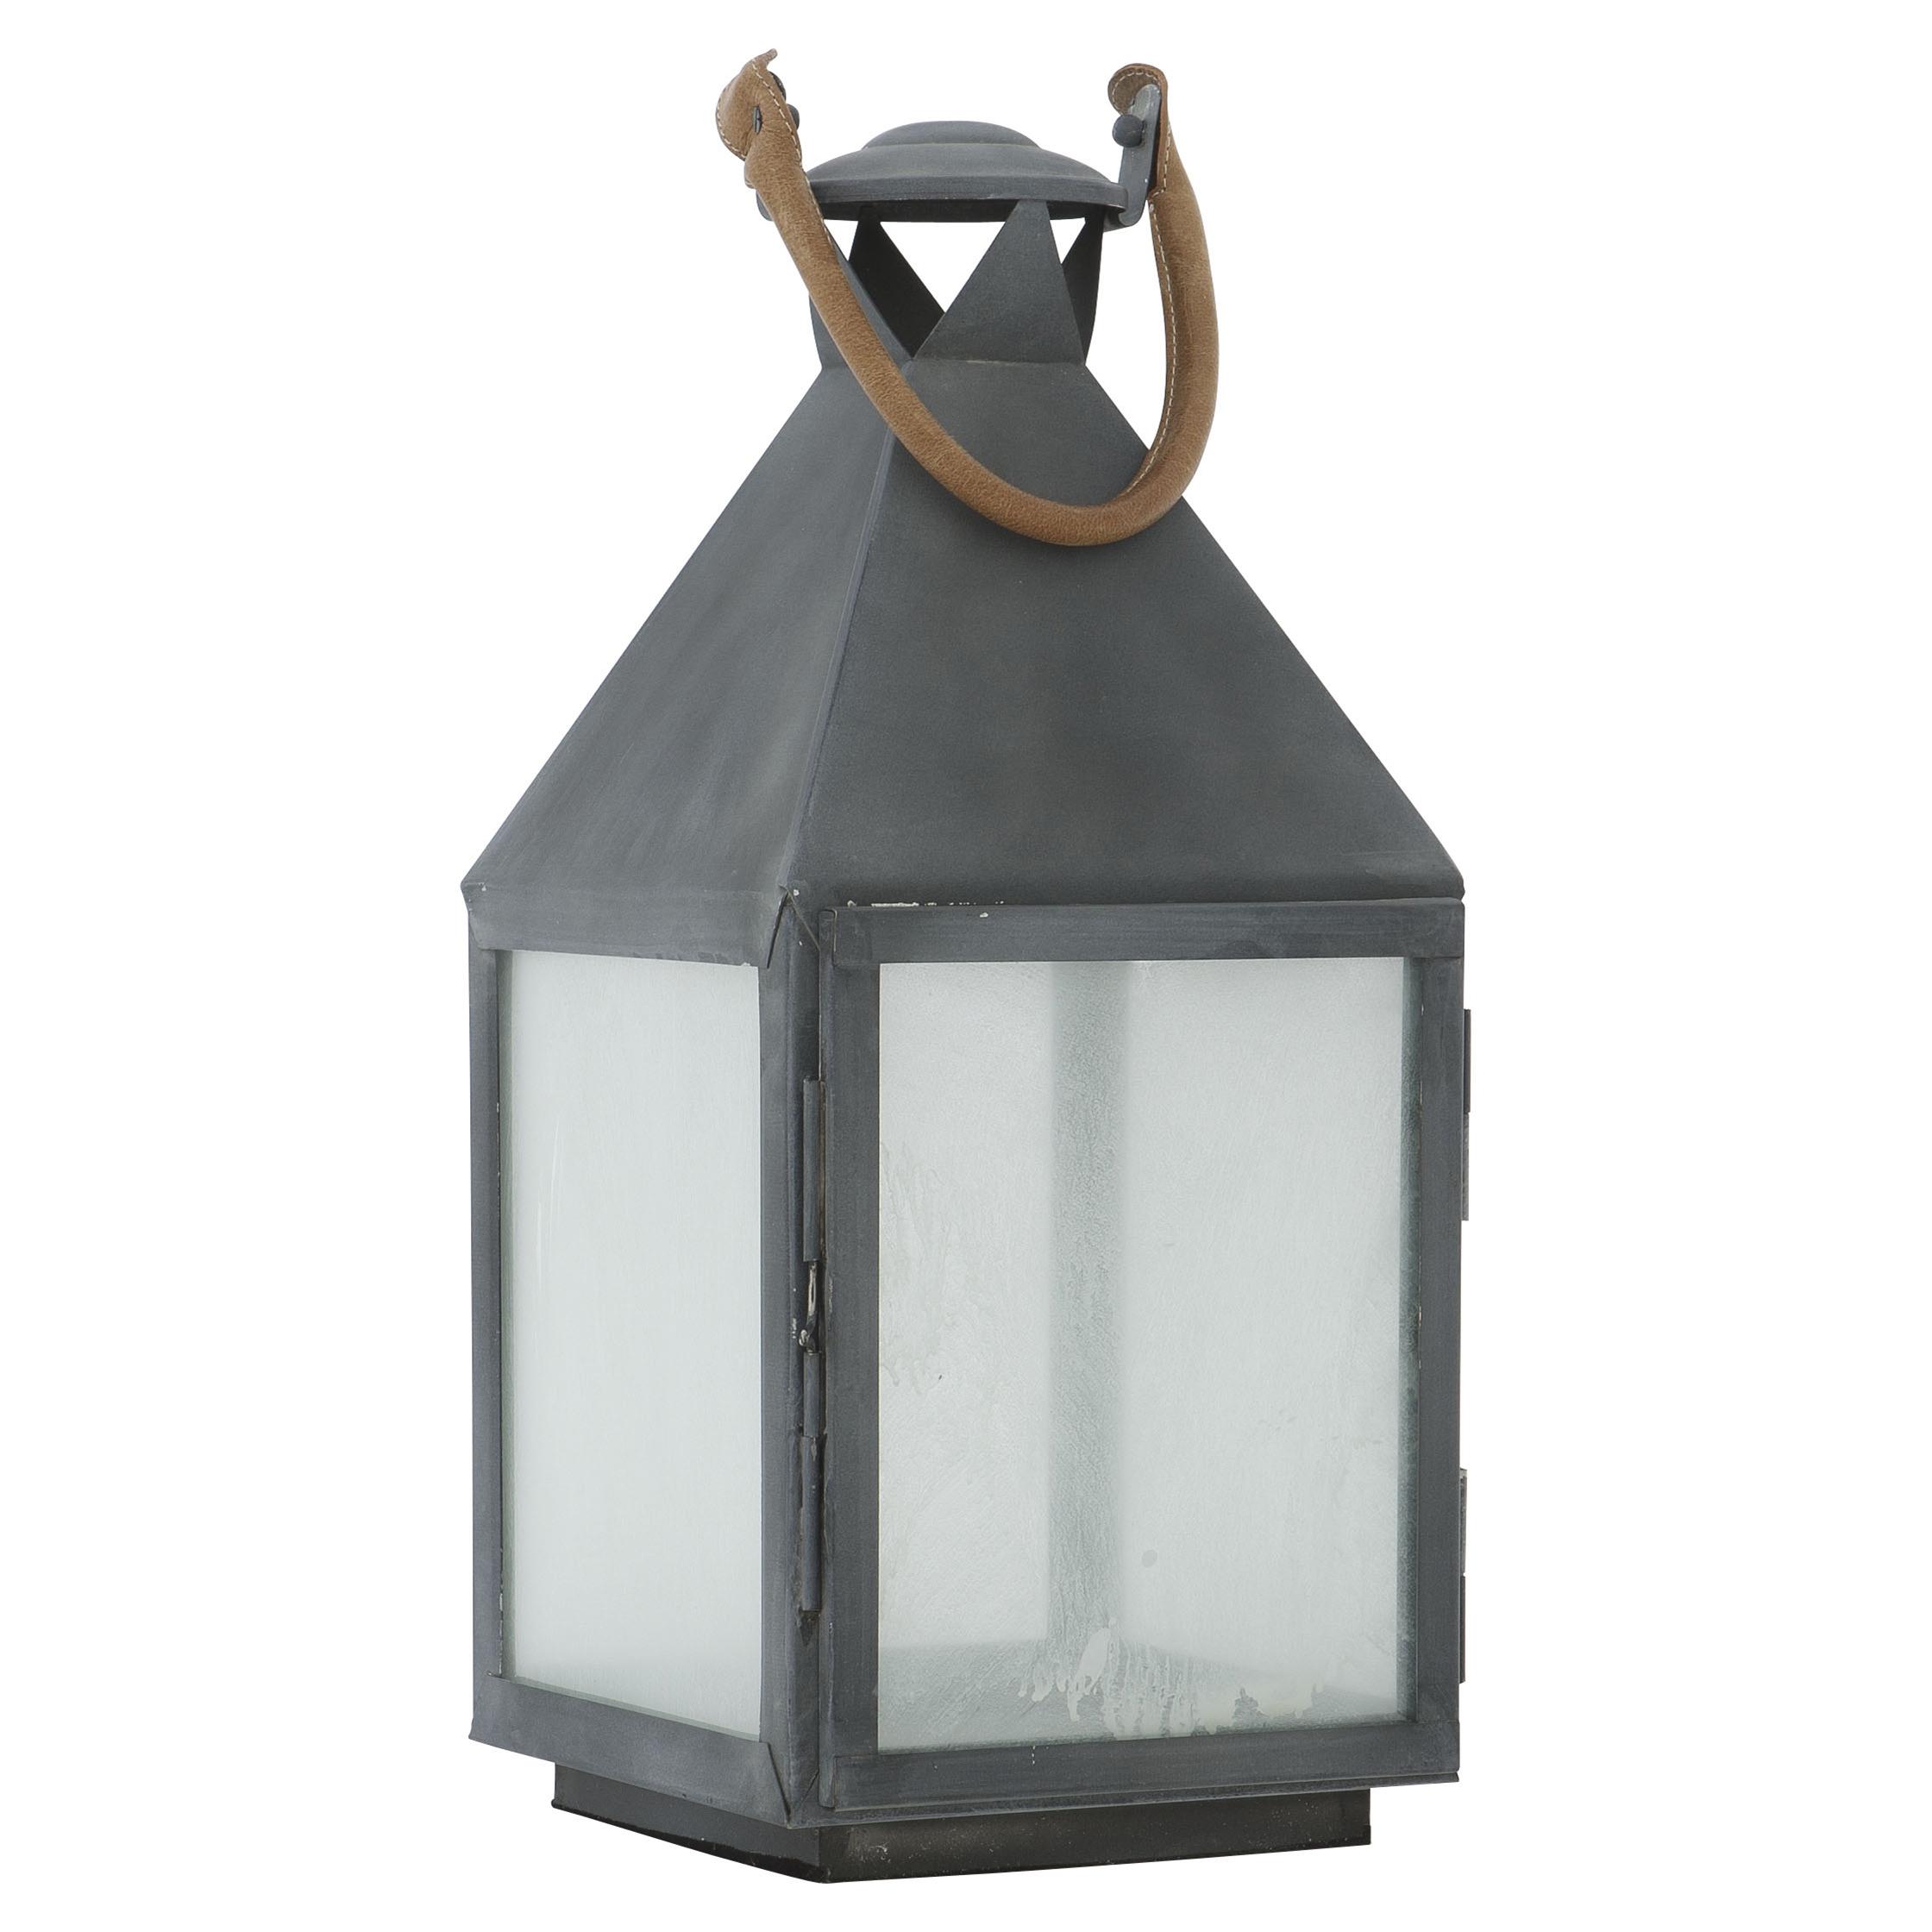 Lauren Rustic Lodge Dark Grey Metal Candle Lantern - 26H